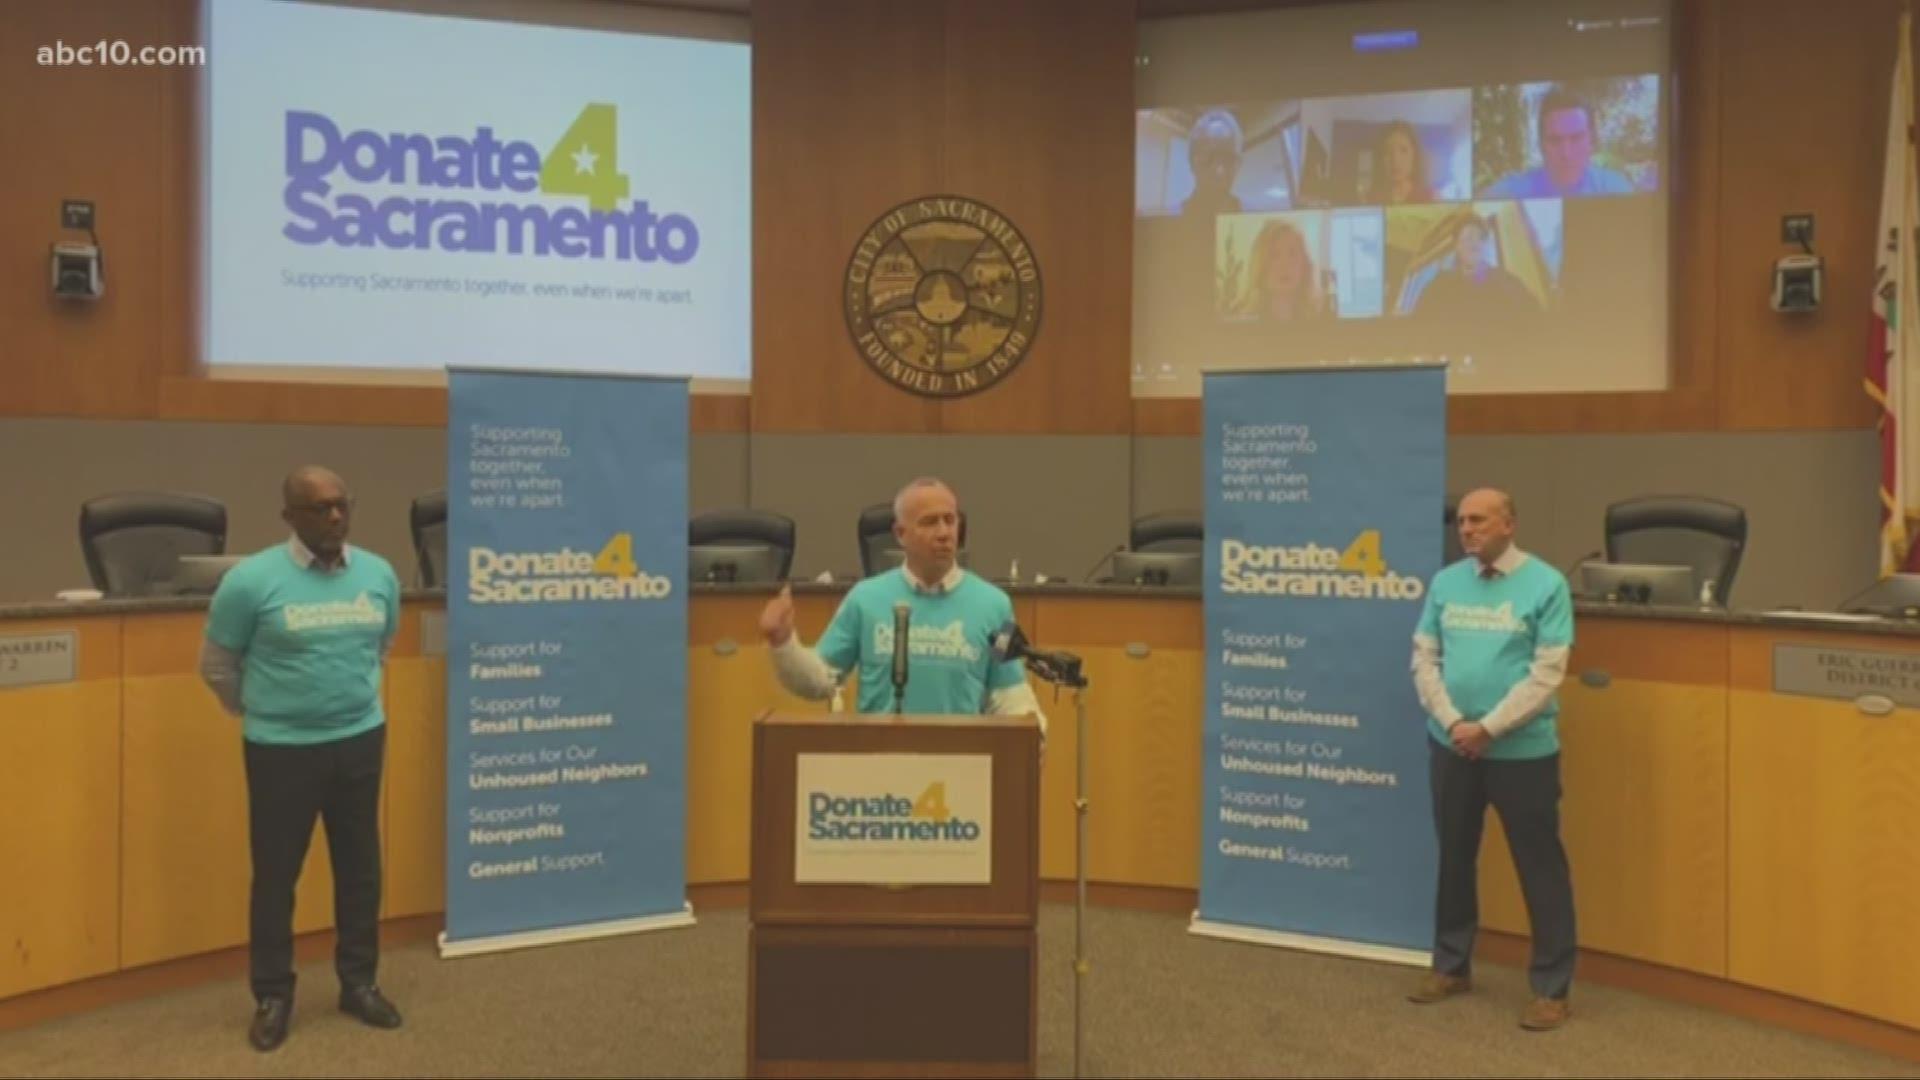 Sacramento City Leaders To Launch 1m Relief Fund Abc10 Com